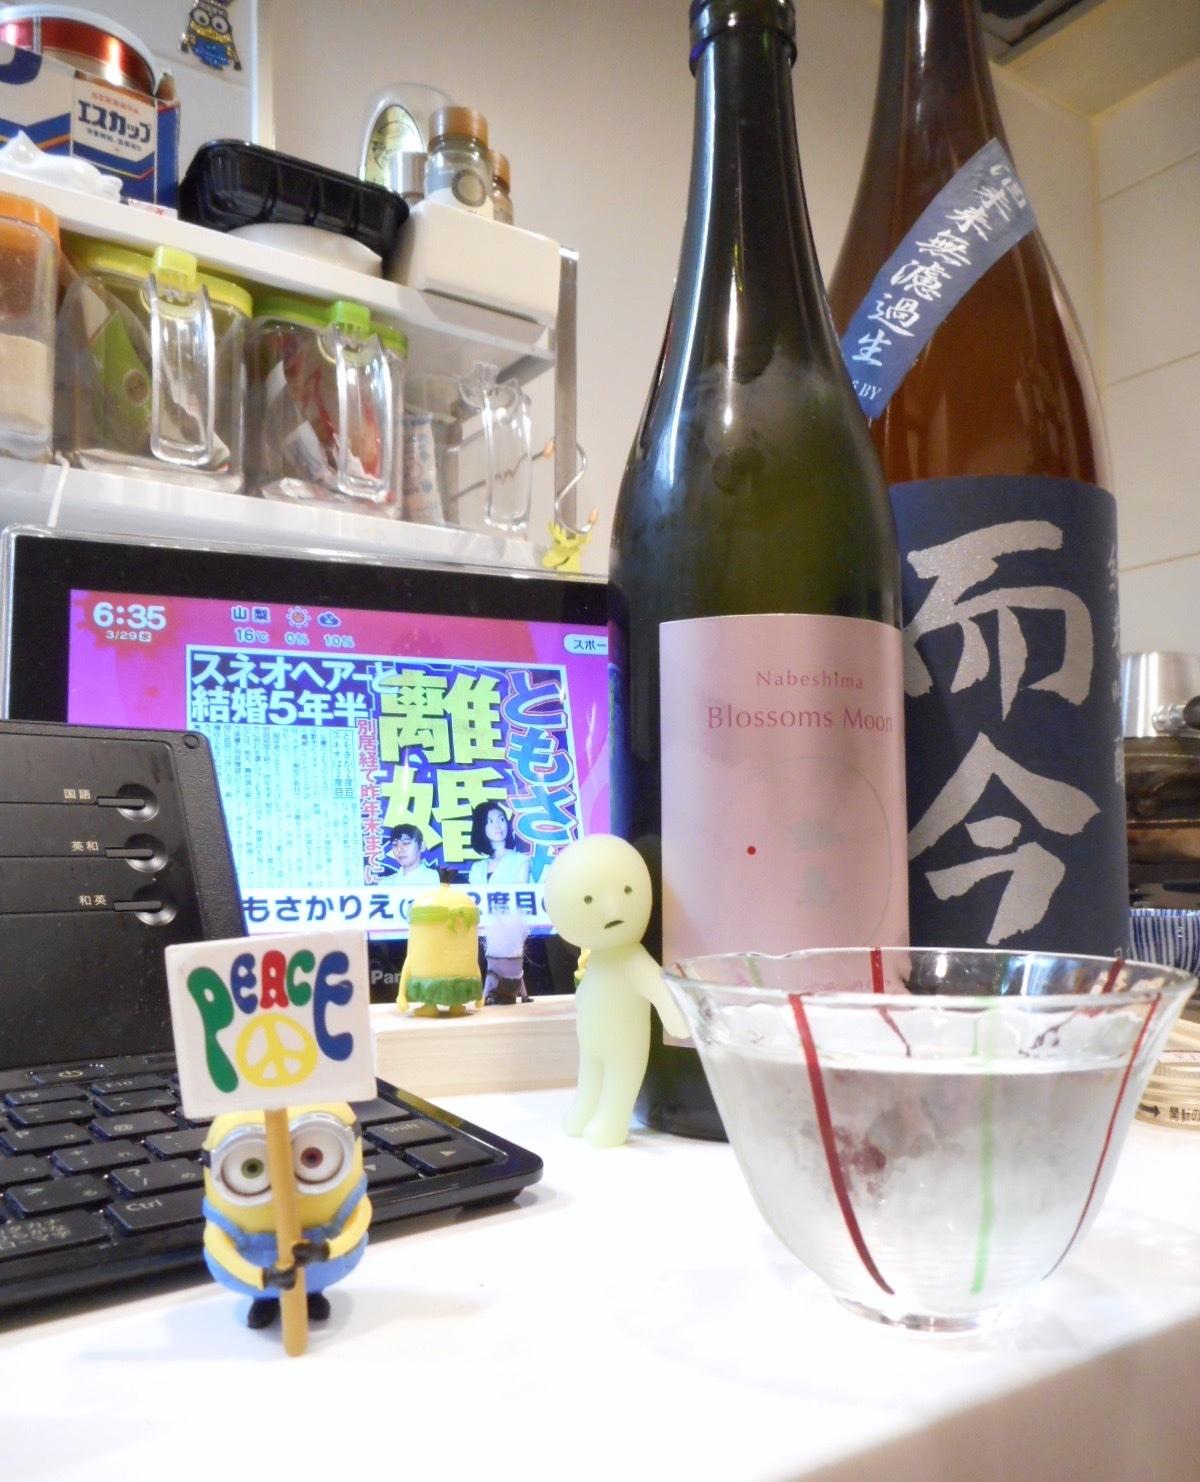 nabeshima_blossom28by6.jpg